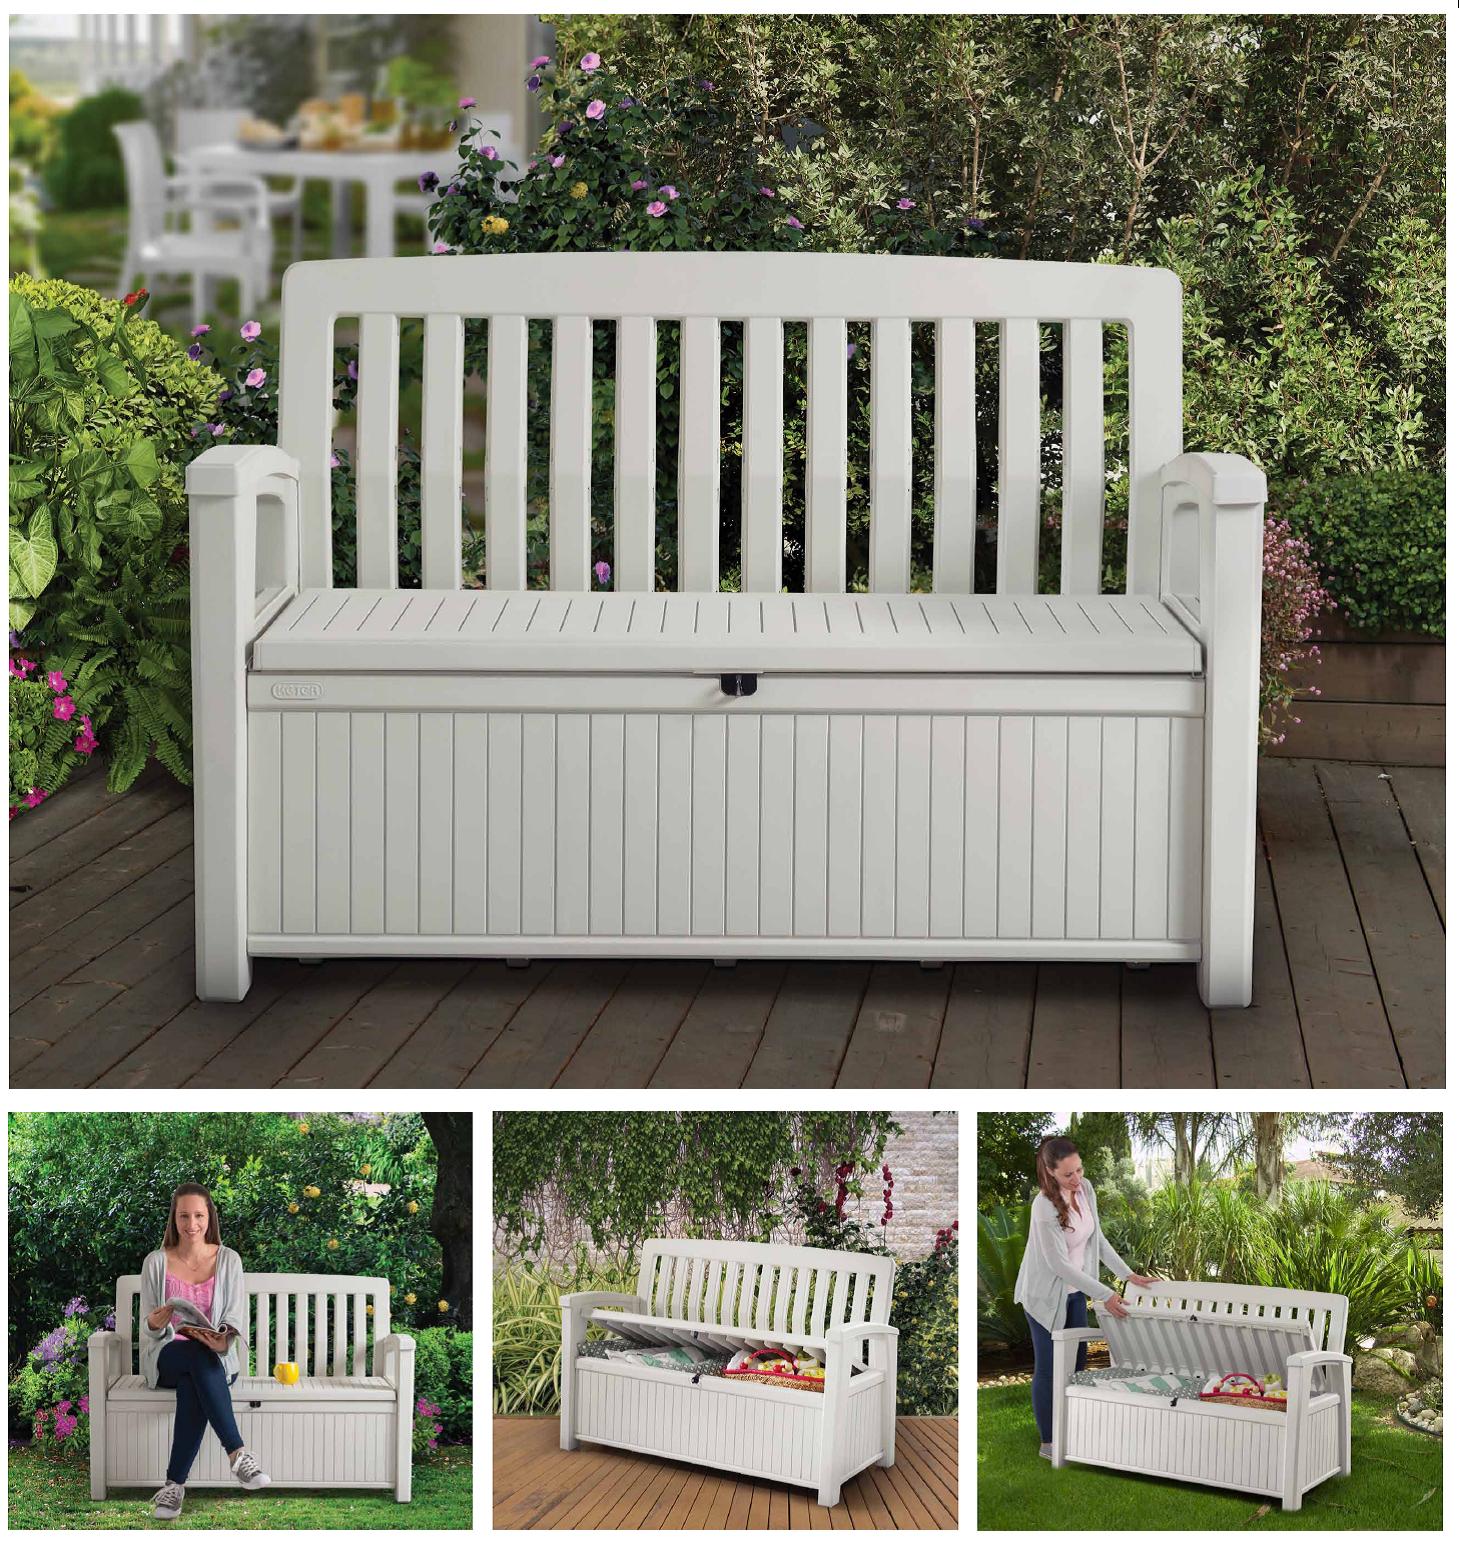 Patio Storage Bench Keter Outdoor Seat Garden Chair Box ...